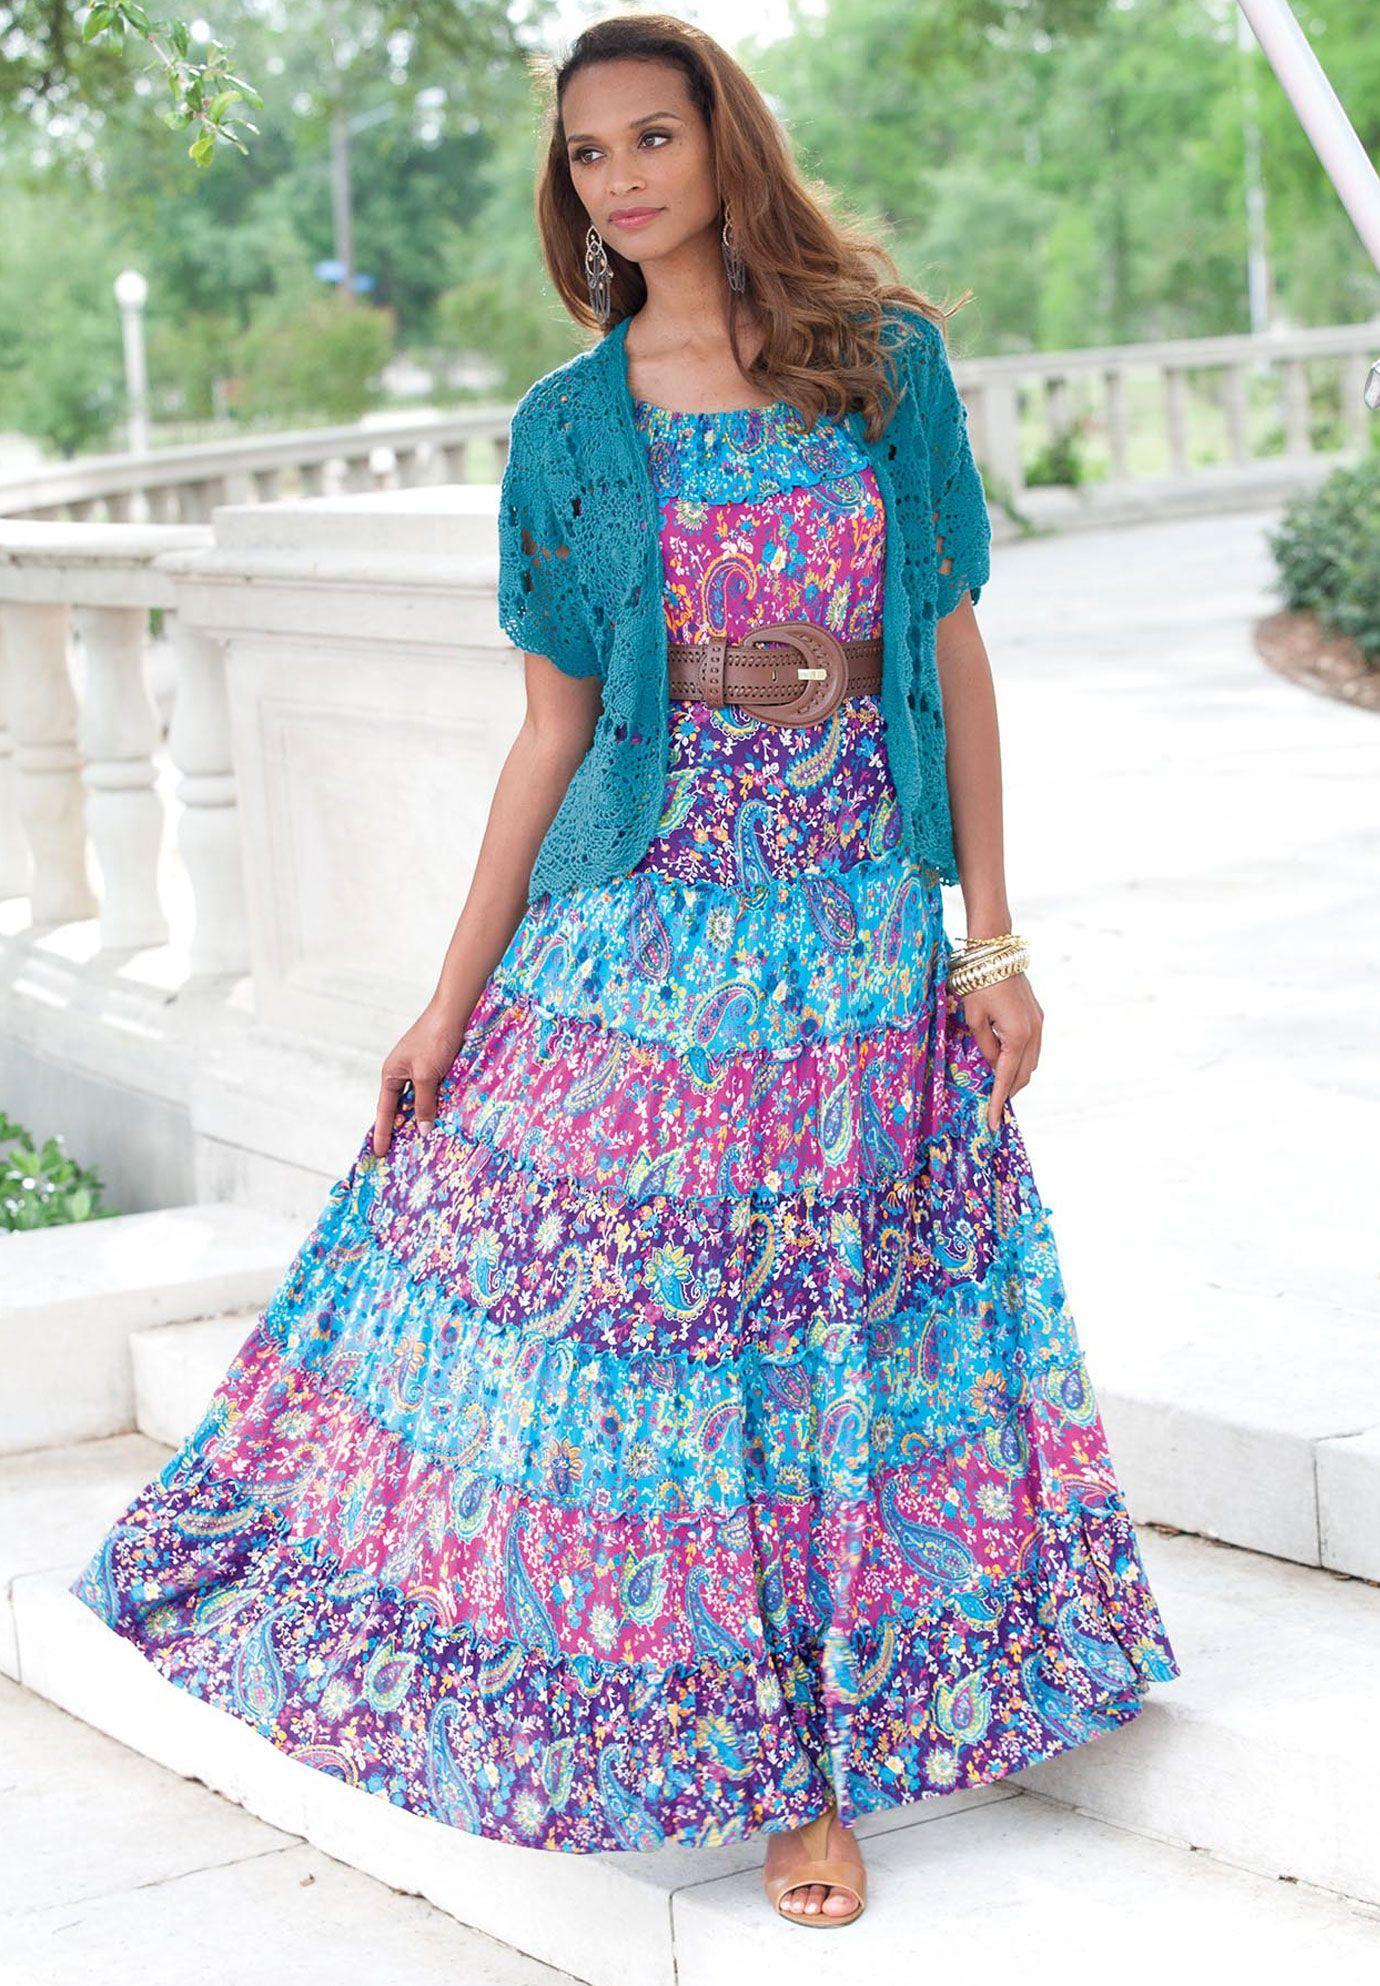 Modern Plus Size Fashion Professional Women S Plus Size Clothing Plus Size Outfits Fashion Plus Size Dresses [ 1986 x 1380 Pixel ]